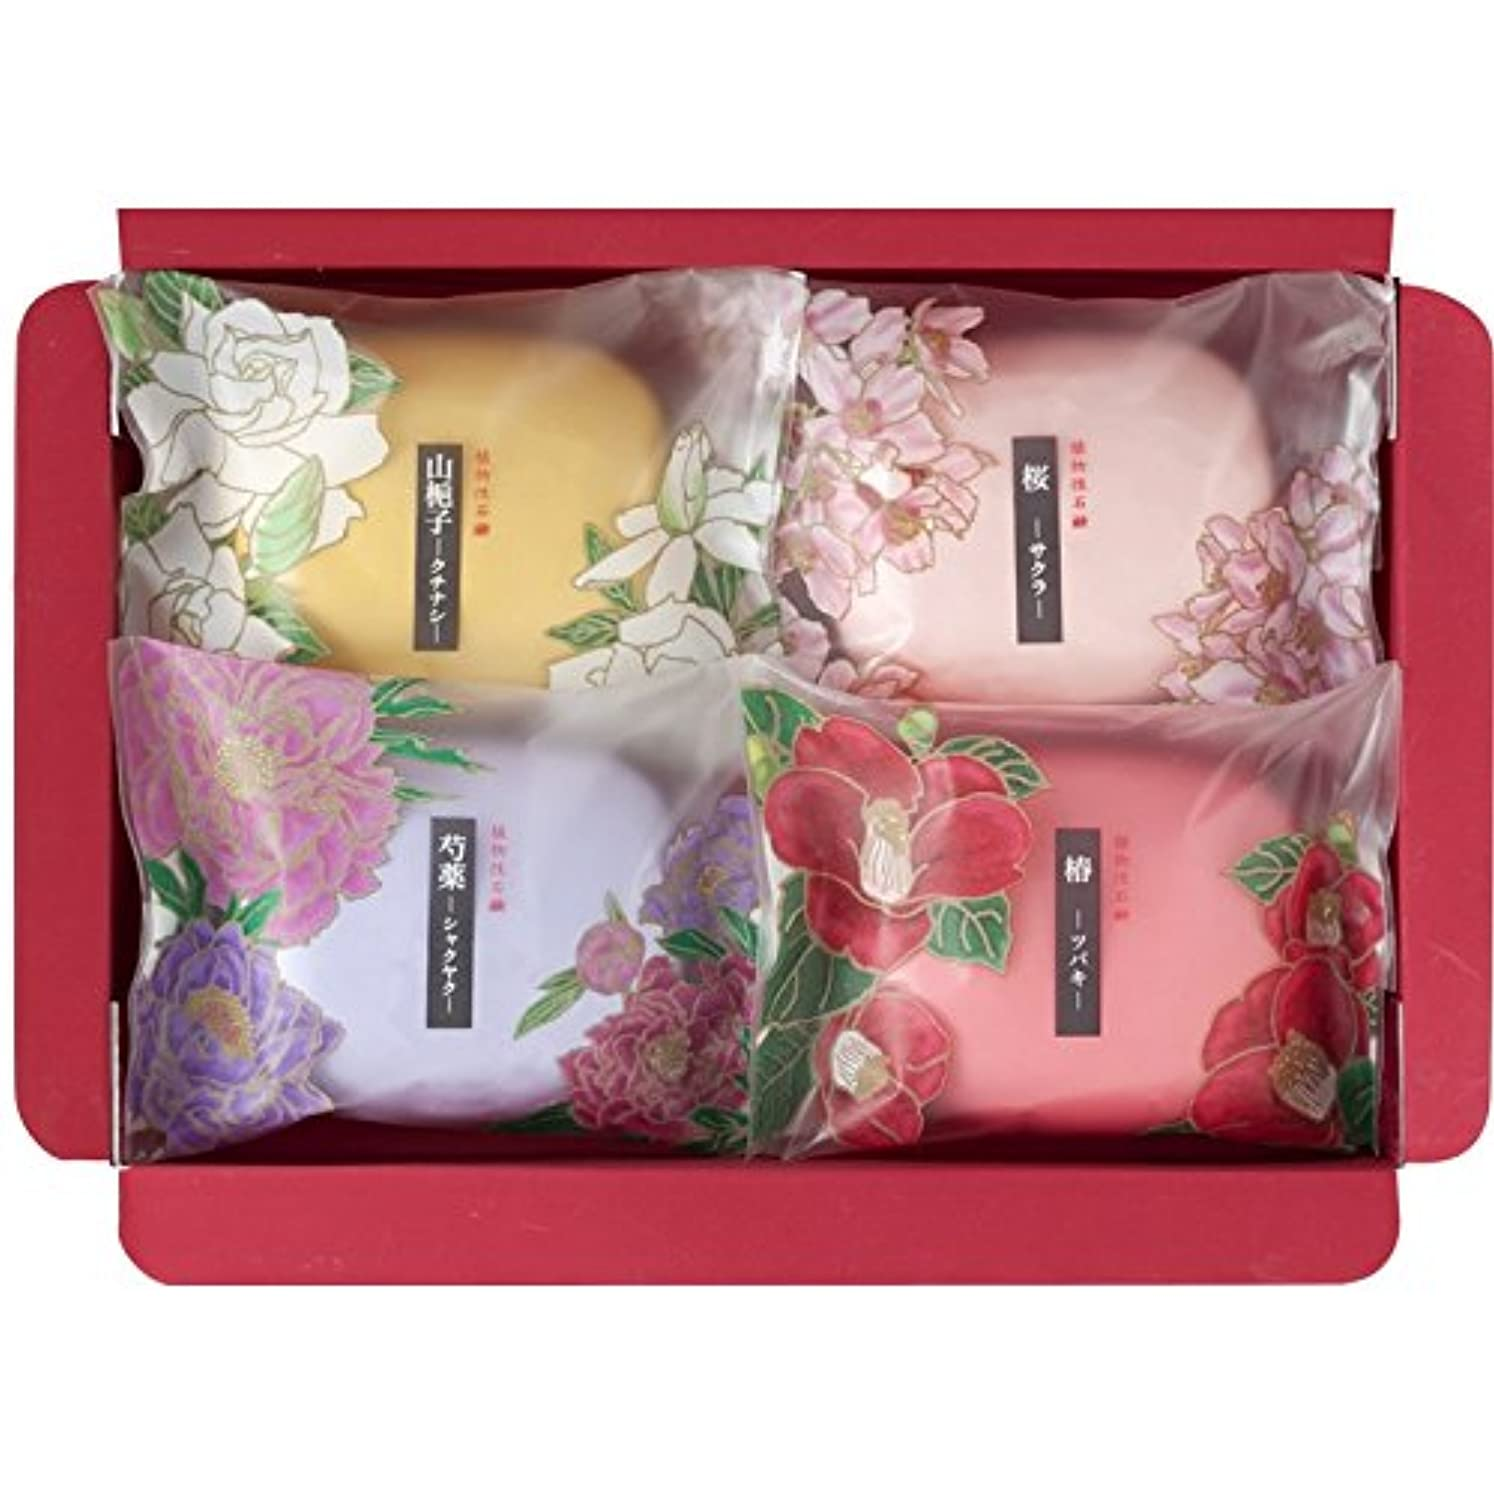 バラエティクリップ第五彩花だより 【固形 ギフト せっけん あわ いい香り いい匂い うるおい プレゼント お風呂 かおり からだ きれい つめあわせ 日本製 国産 500】